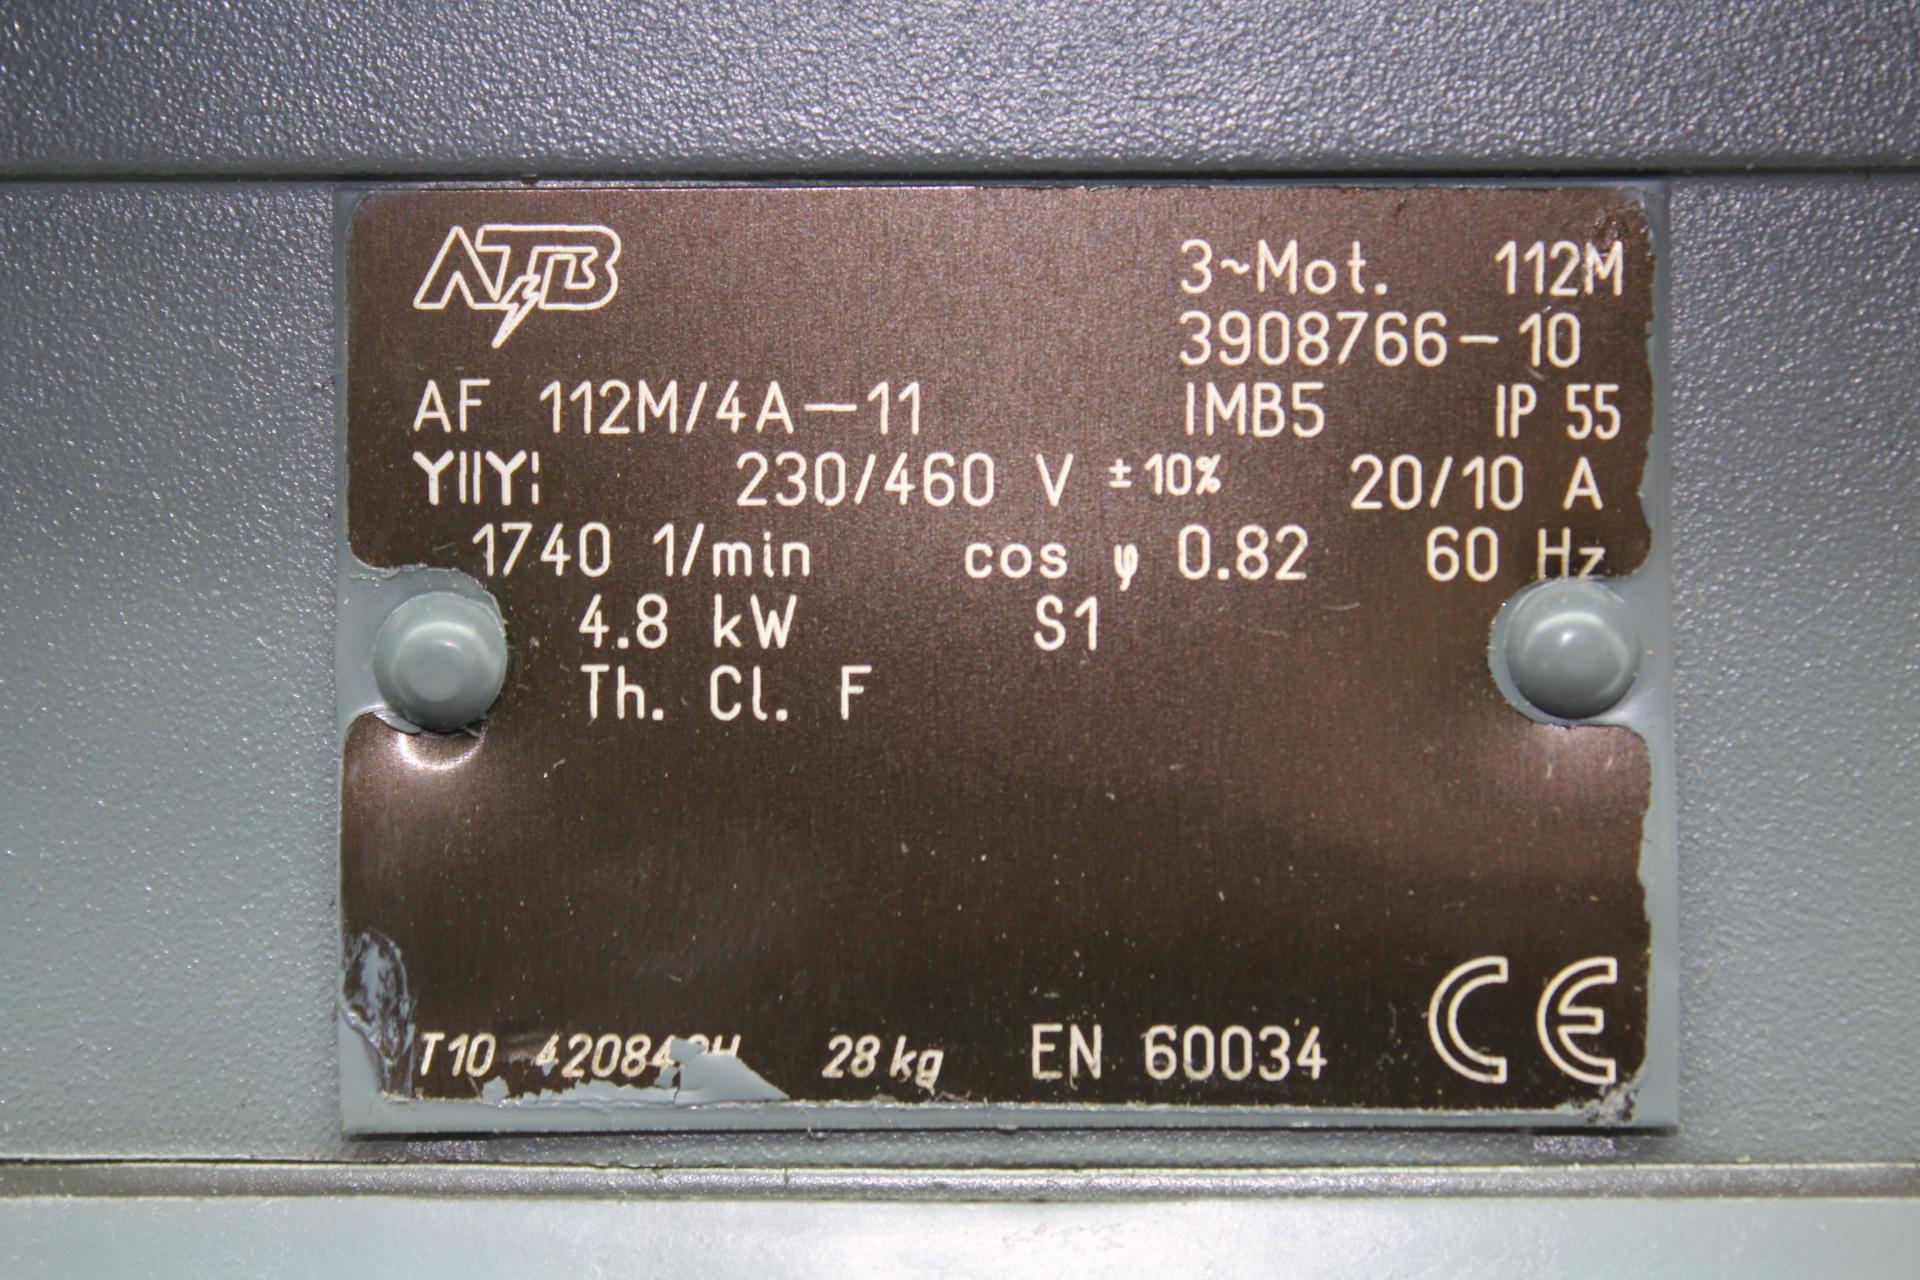 atb motor af 112m 4a 11 3908766 10 rh tasksurplus com AC Motor Wiring Diagram 3 Speed Electric Motor Wiring Diagram